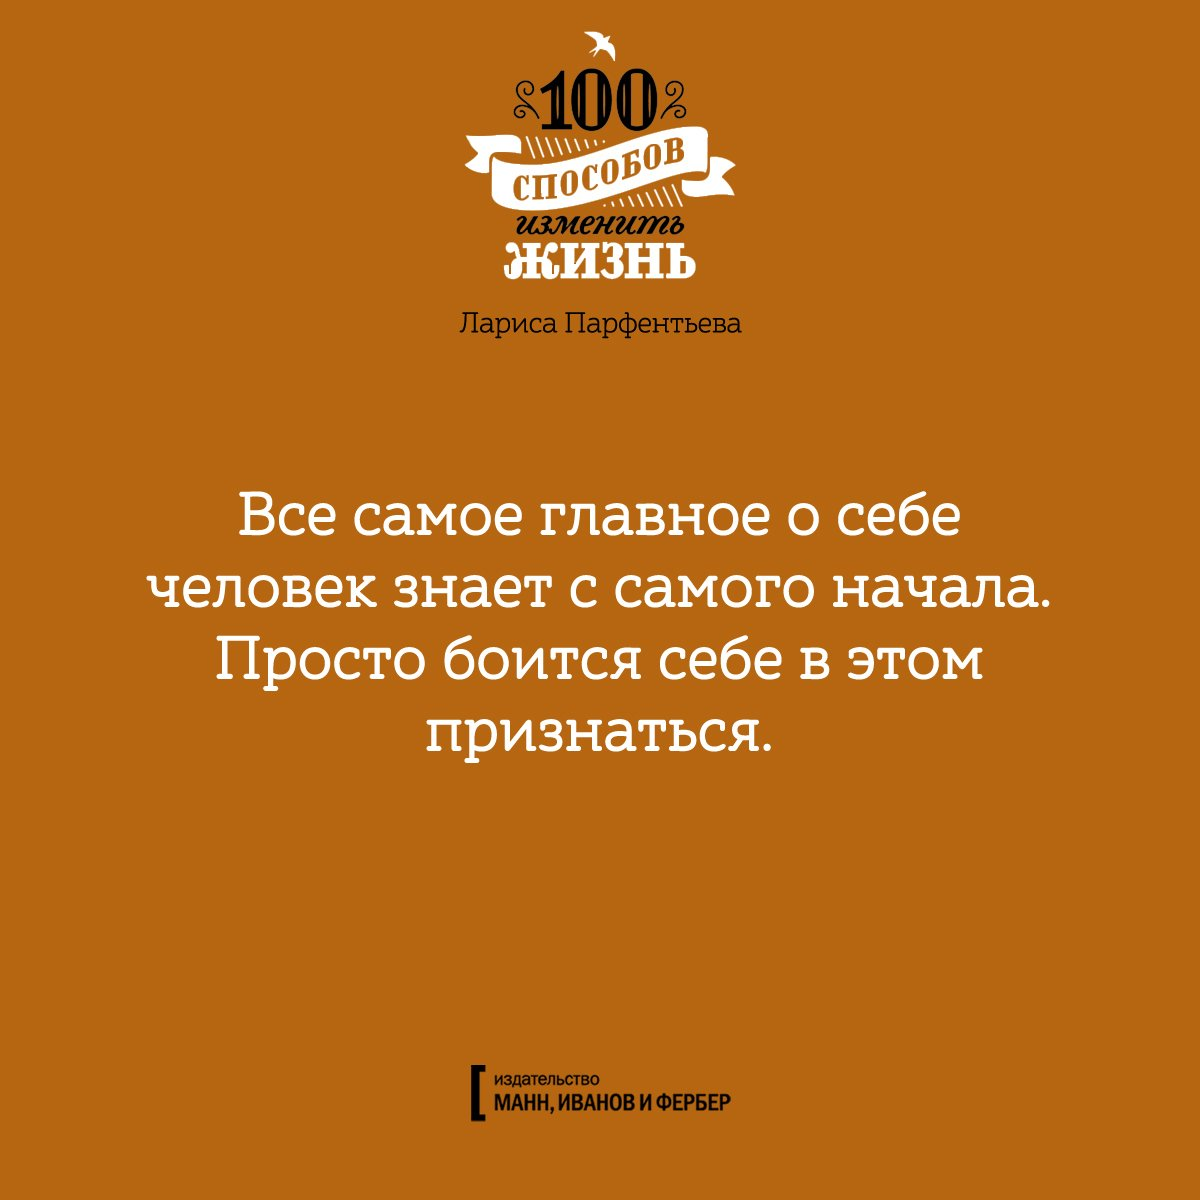 сна читать онлайн 100 способов изменить жизнь биография: Мамедов